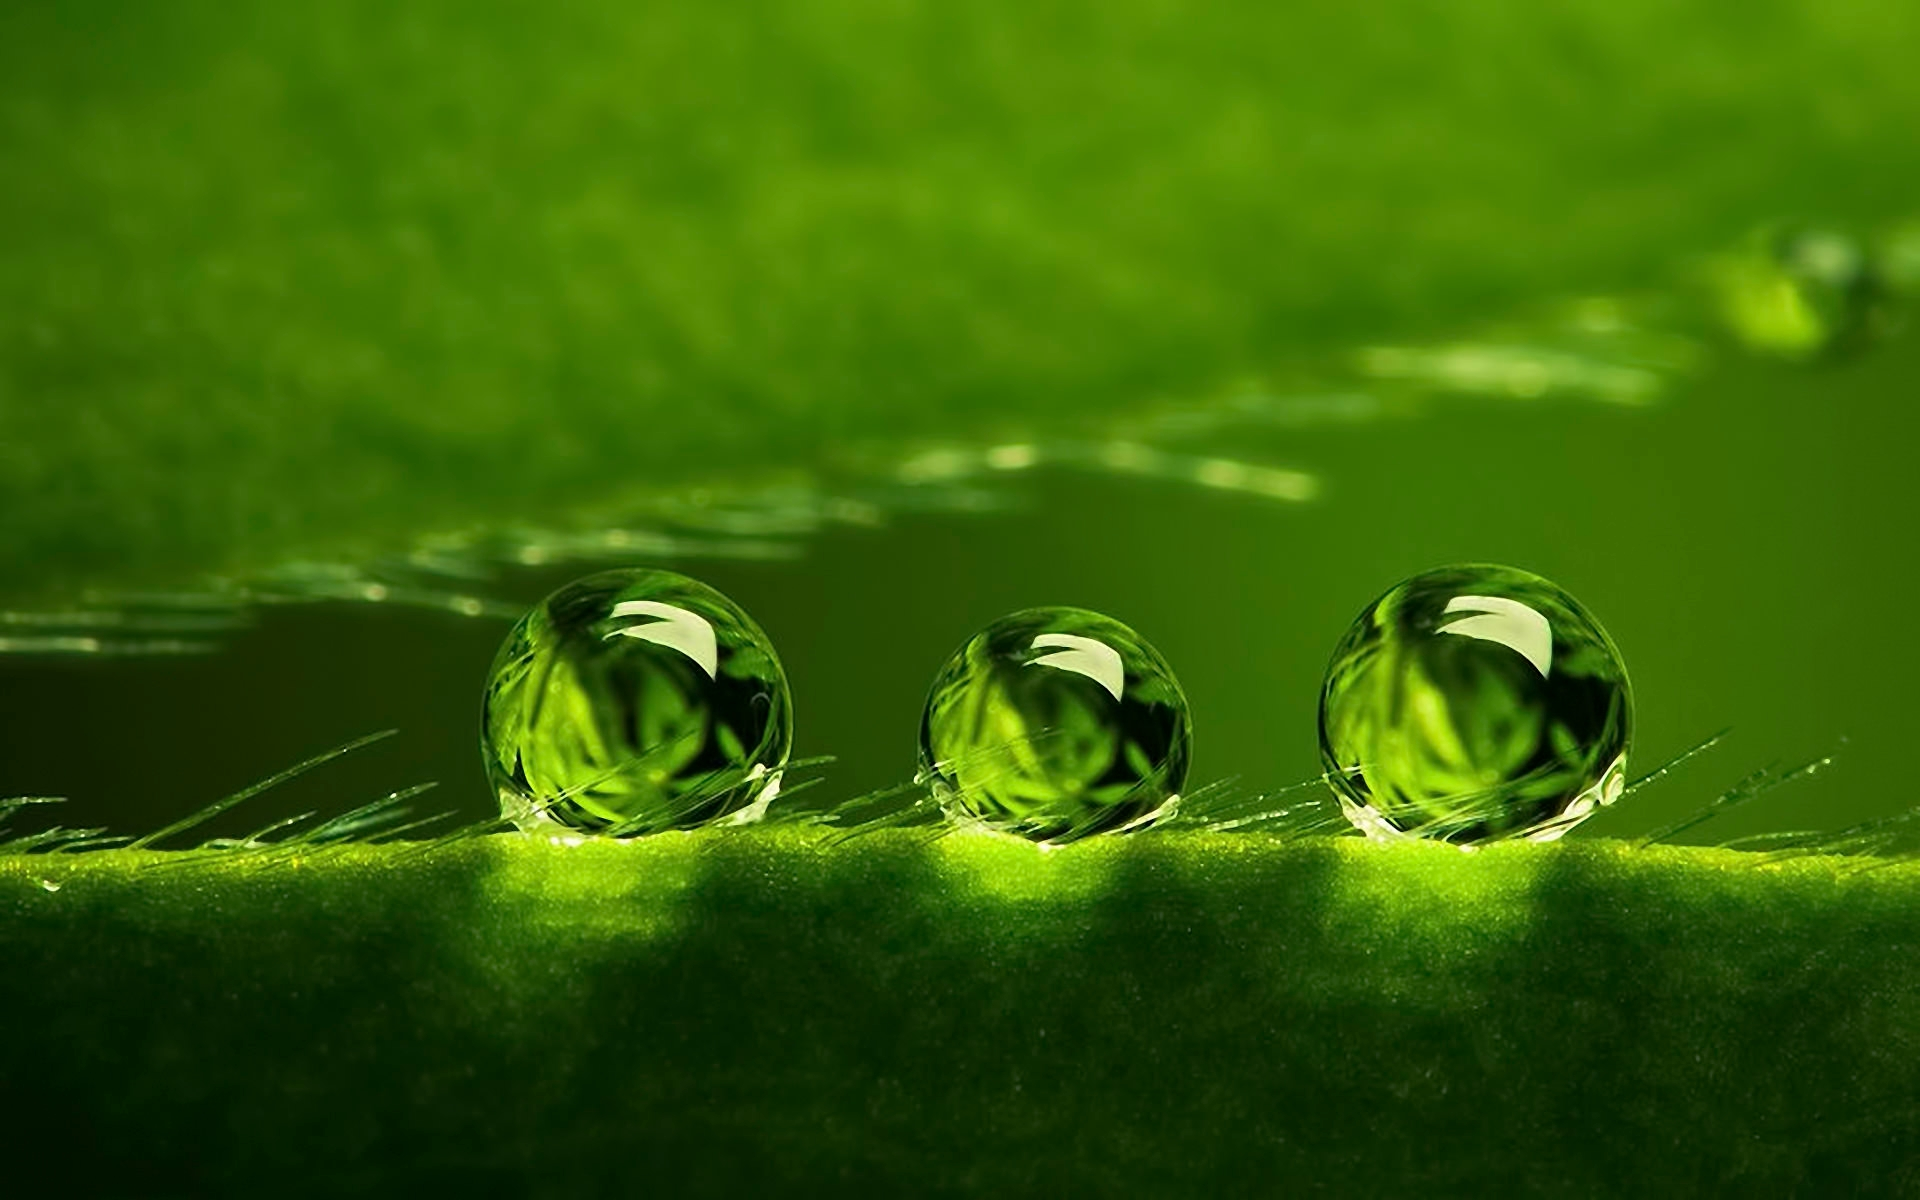 Пузырьки на листьях бесплатно